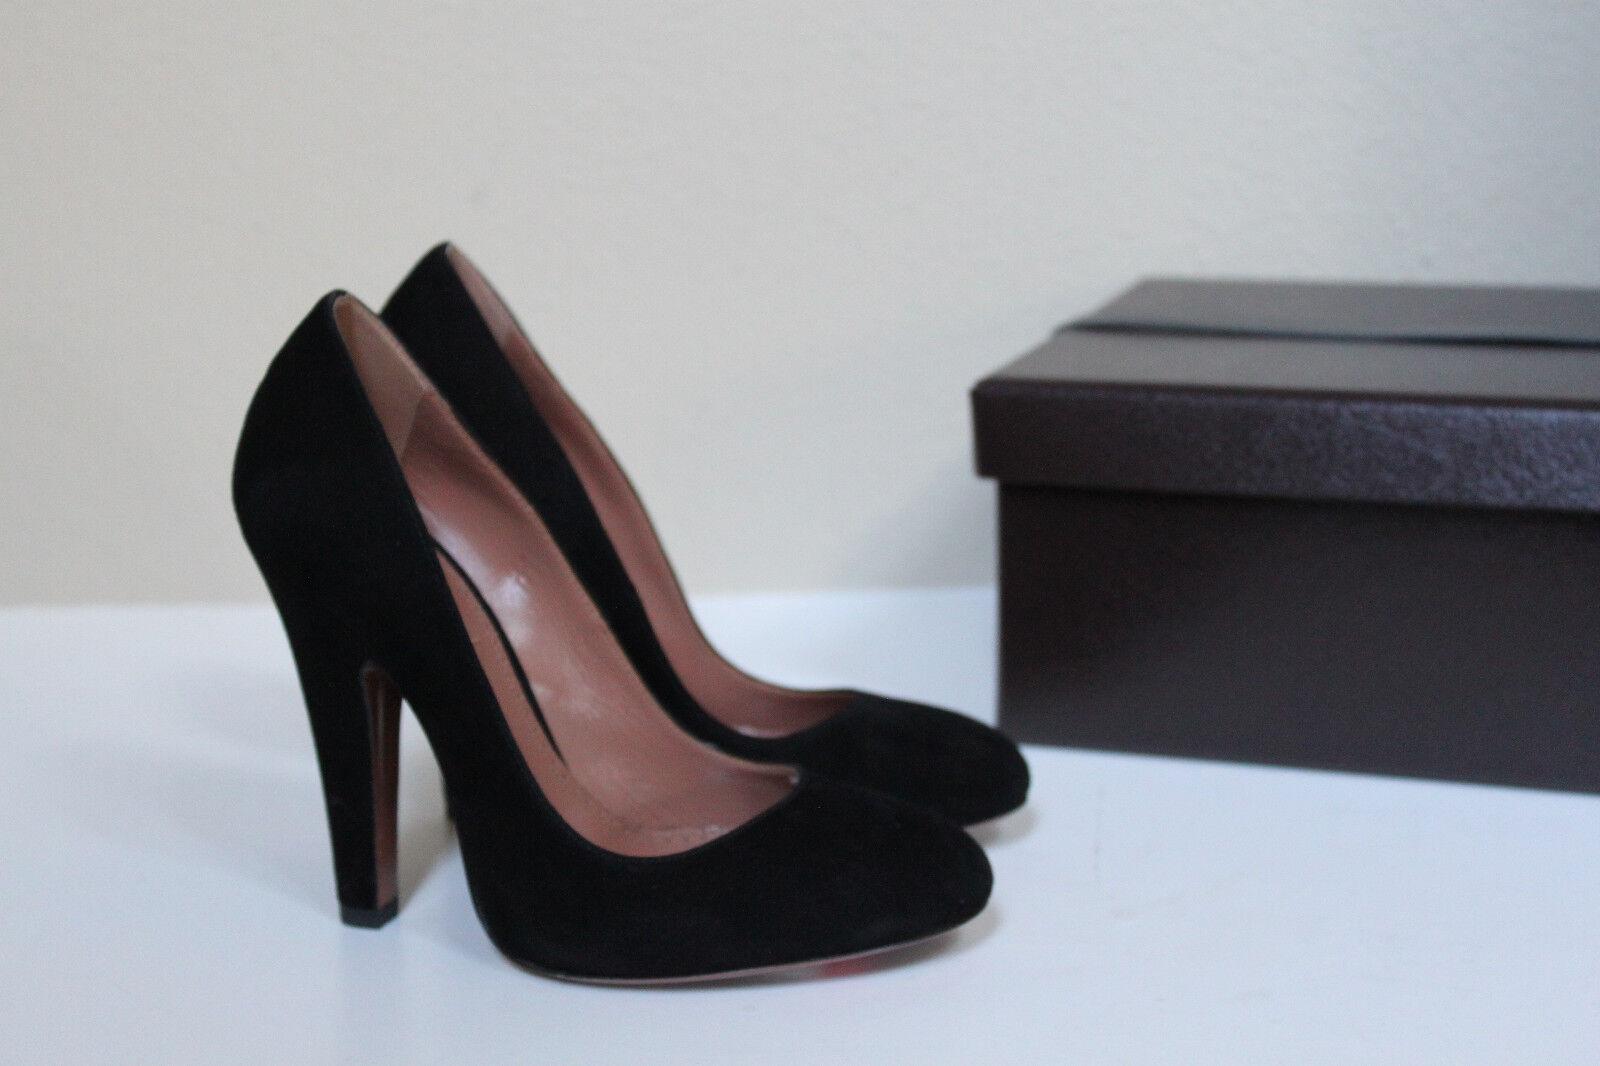 Nuevas Talla 7.5 37.5 37.5 37.5 Azzedine Alaia Gamuza Negra Plataforma Zapatos Tacón Bomba Clásico  aquí tiene la última